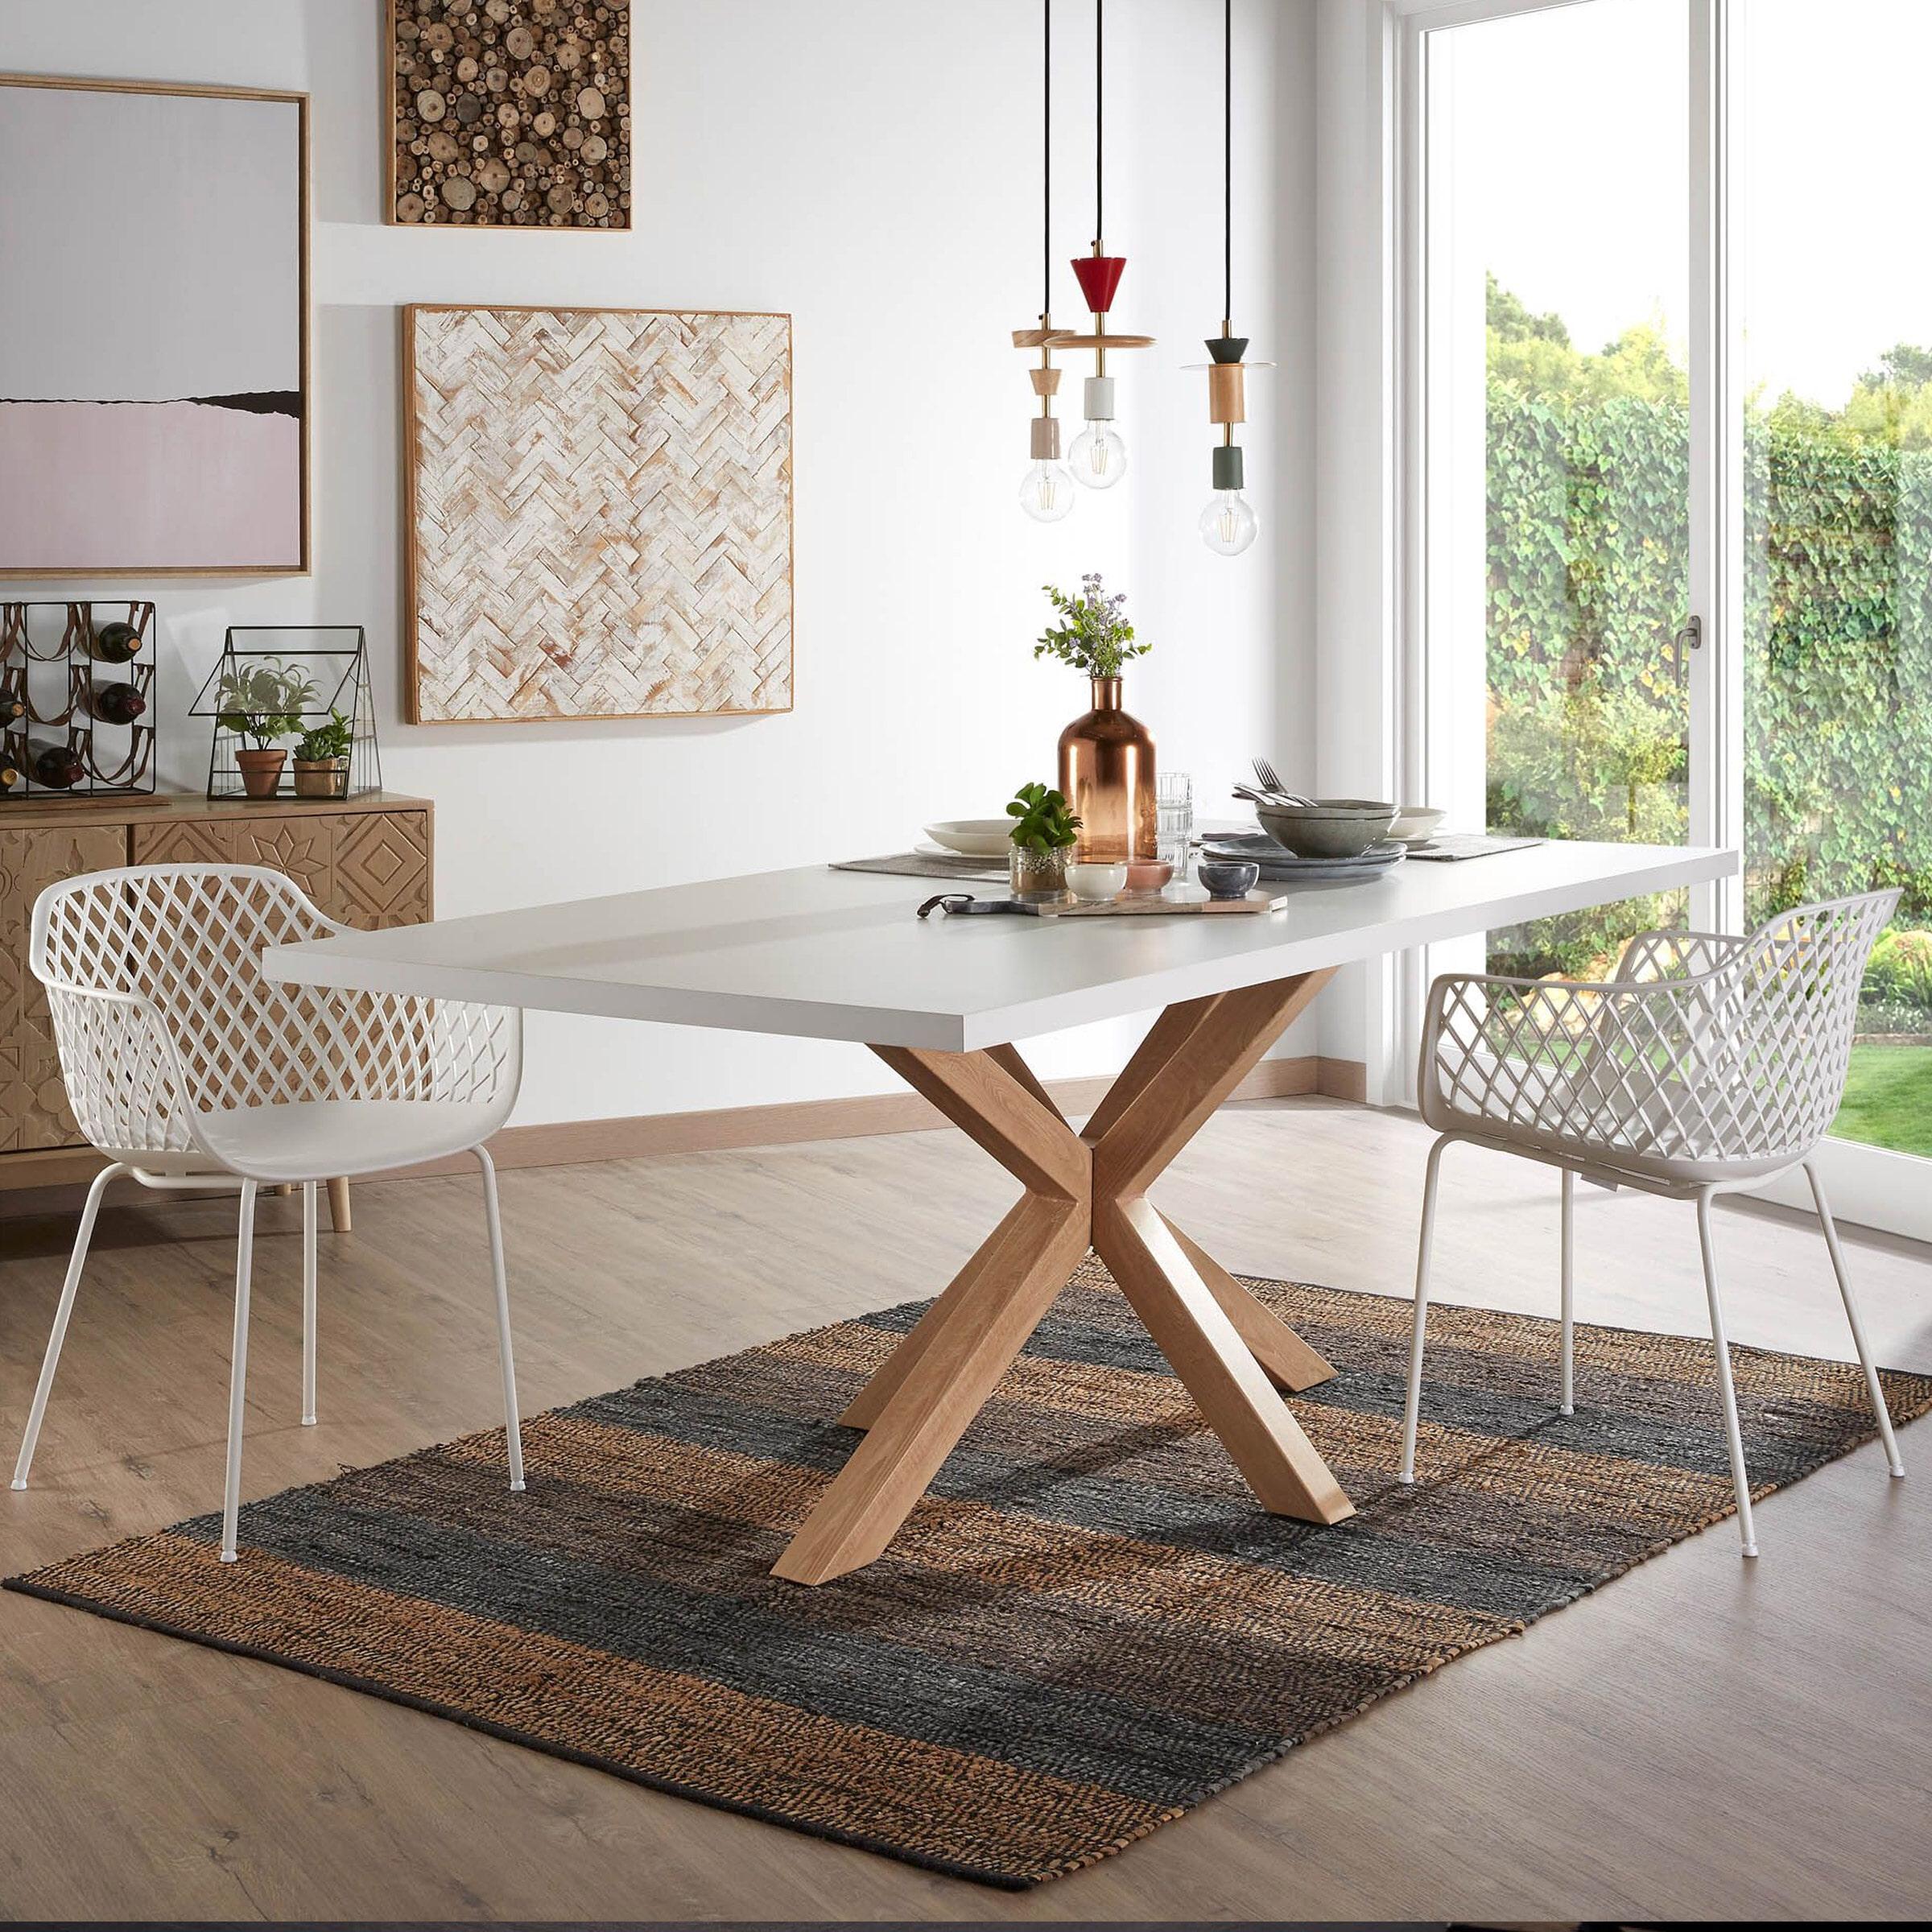 Kave Home Eettafel 'Argo' hout - wit, 200 x 100cm